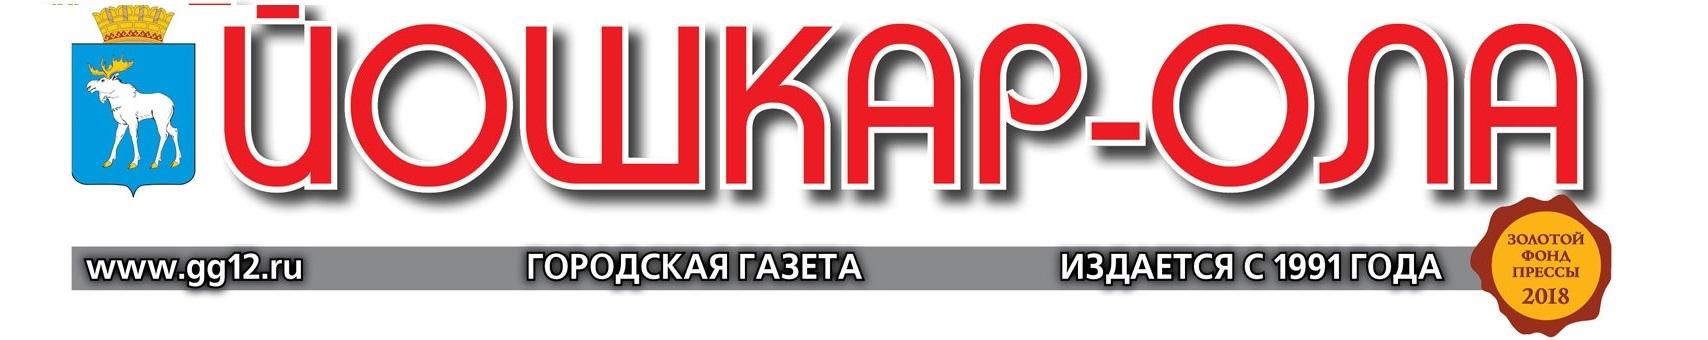 """Подписка на доступ к электронной версии газеты """"Йошкар-Ола"""" (вт., ср.) на сайте gg12.ru на 6 мес. 00000"""